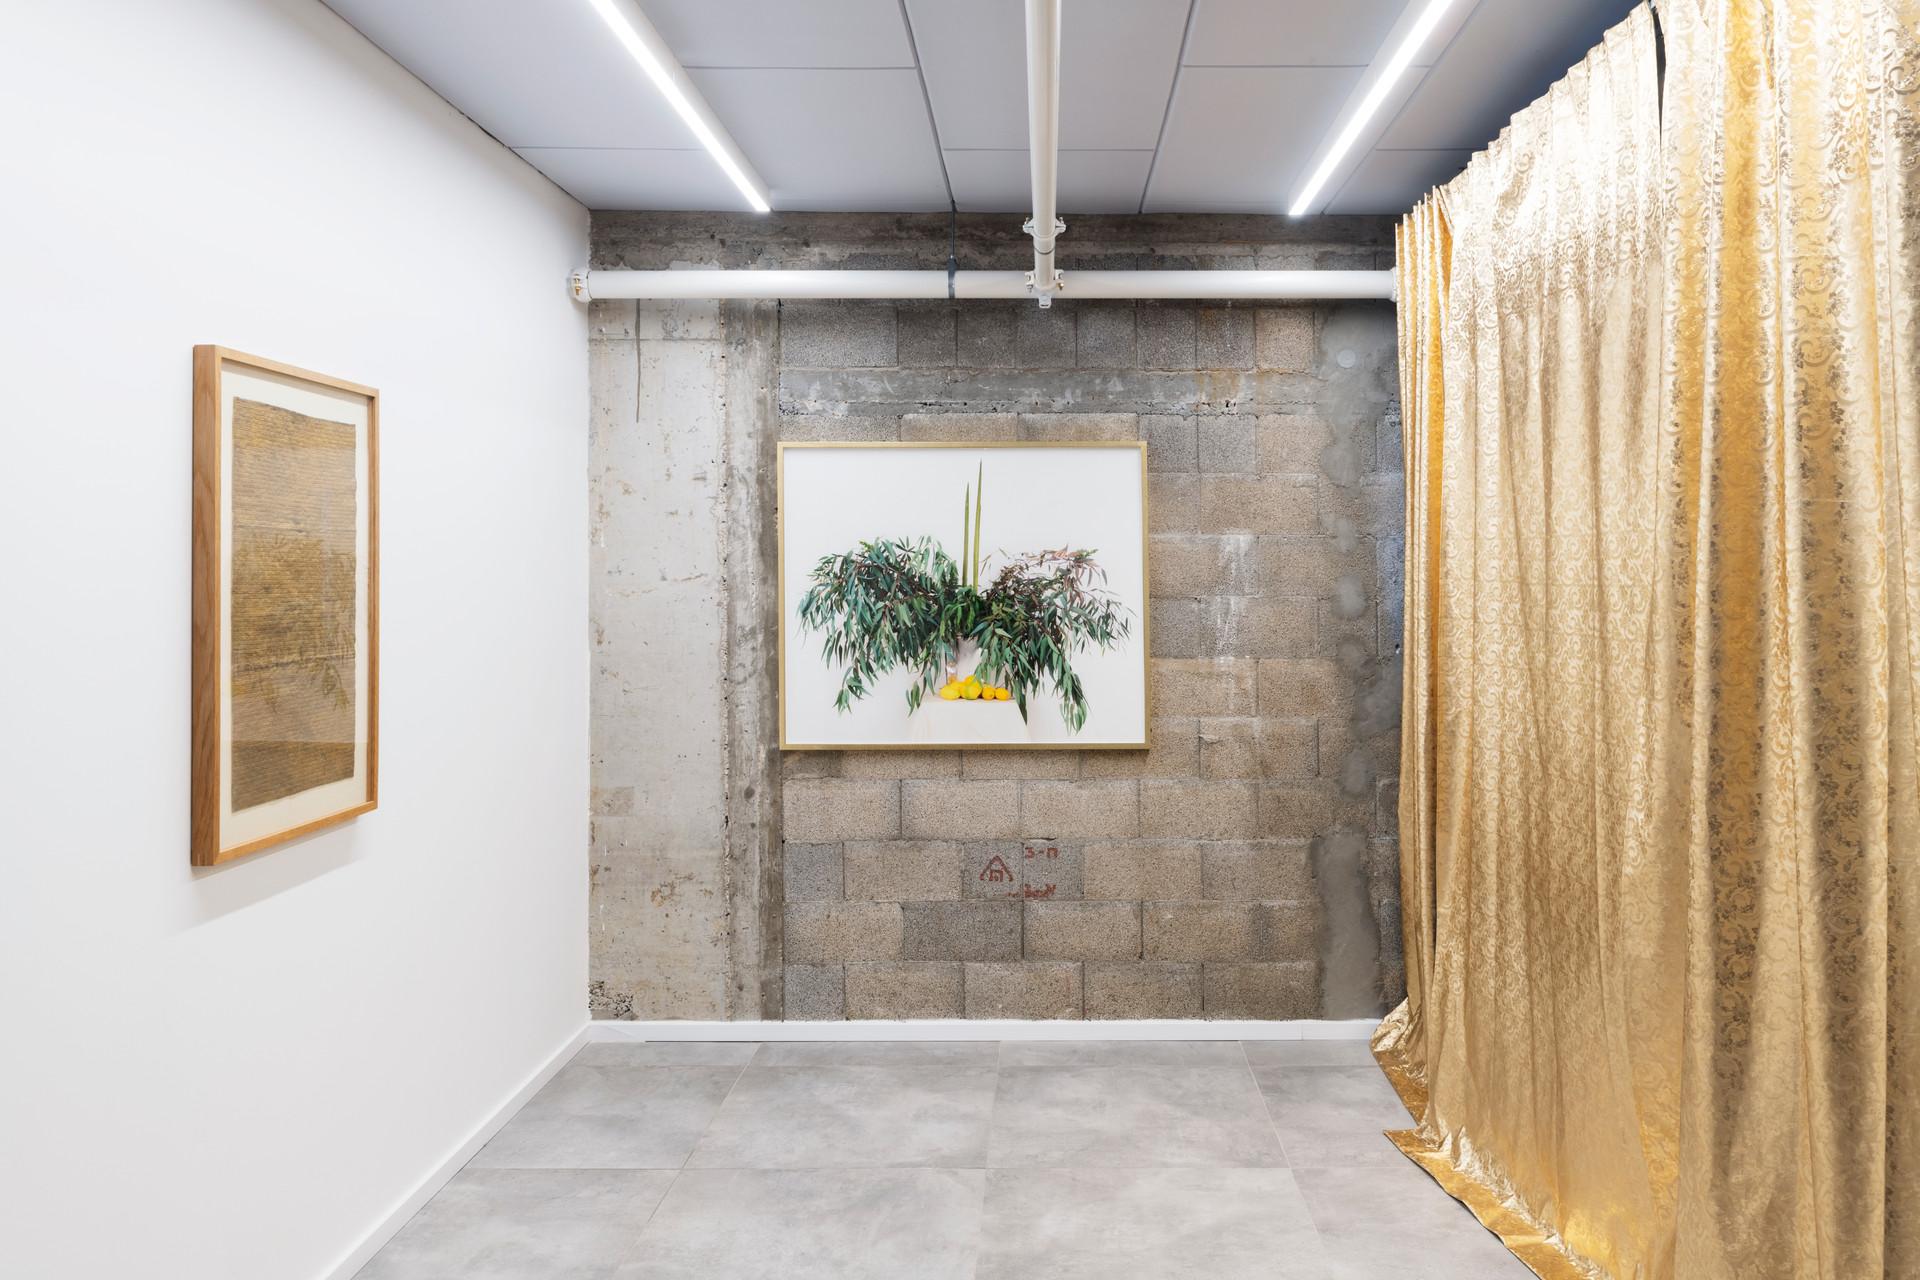 untitled (room), 2019